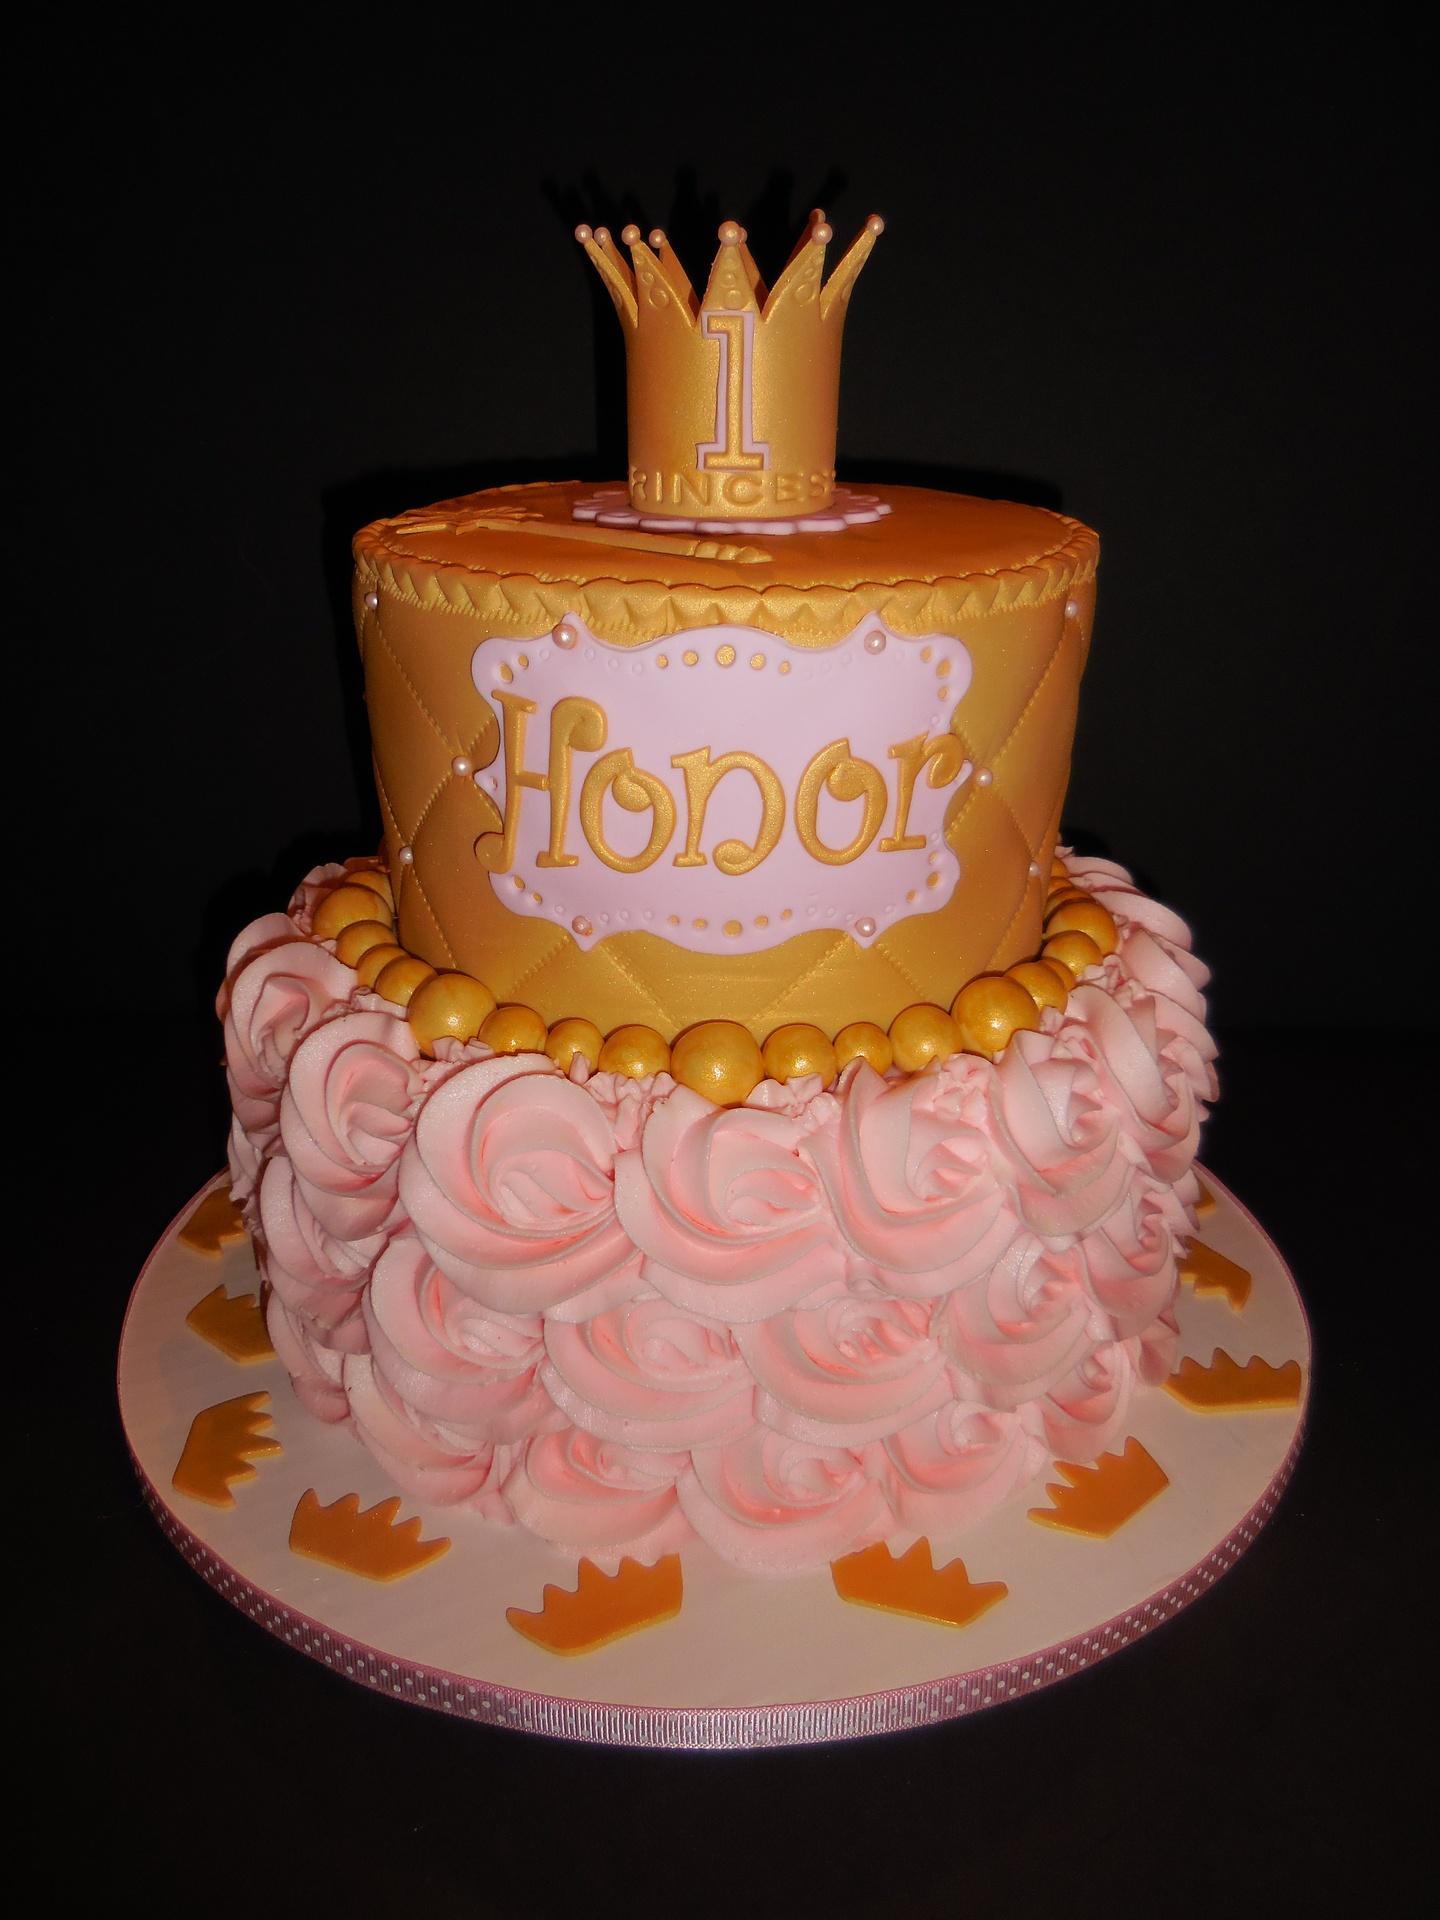 Princess Honor's 1st Birthday Cake